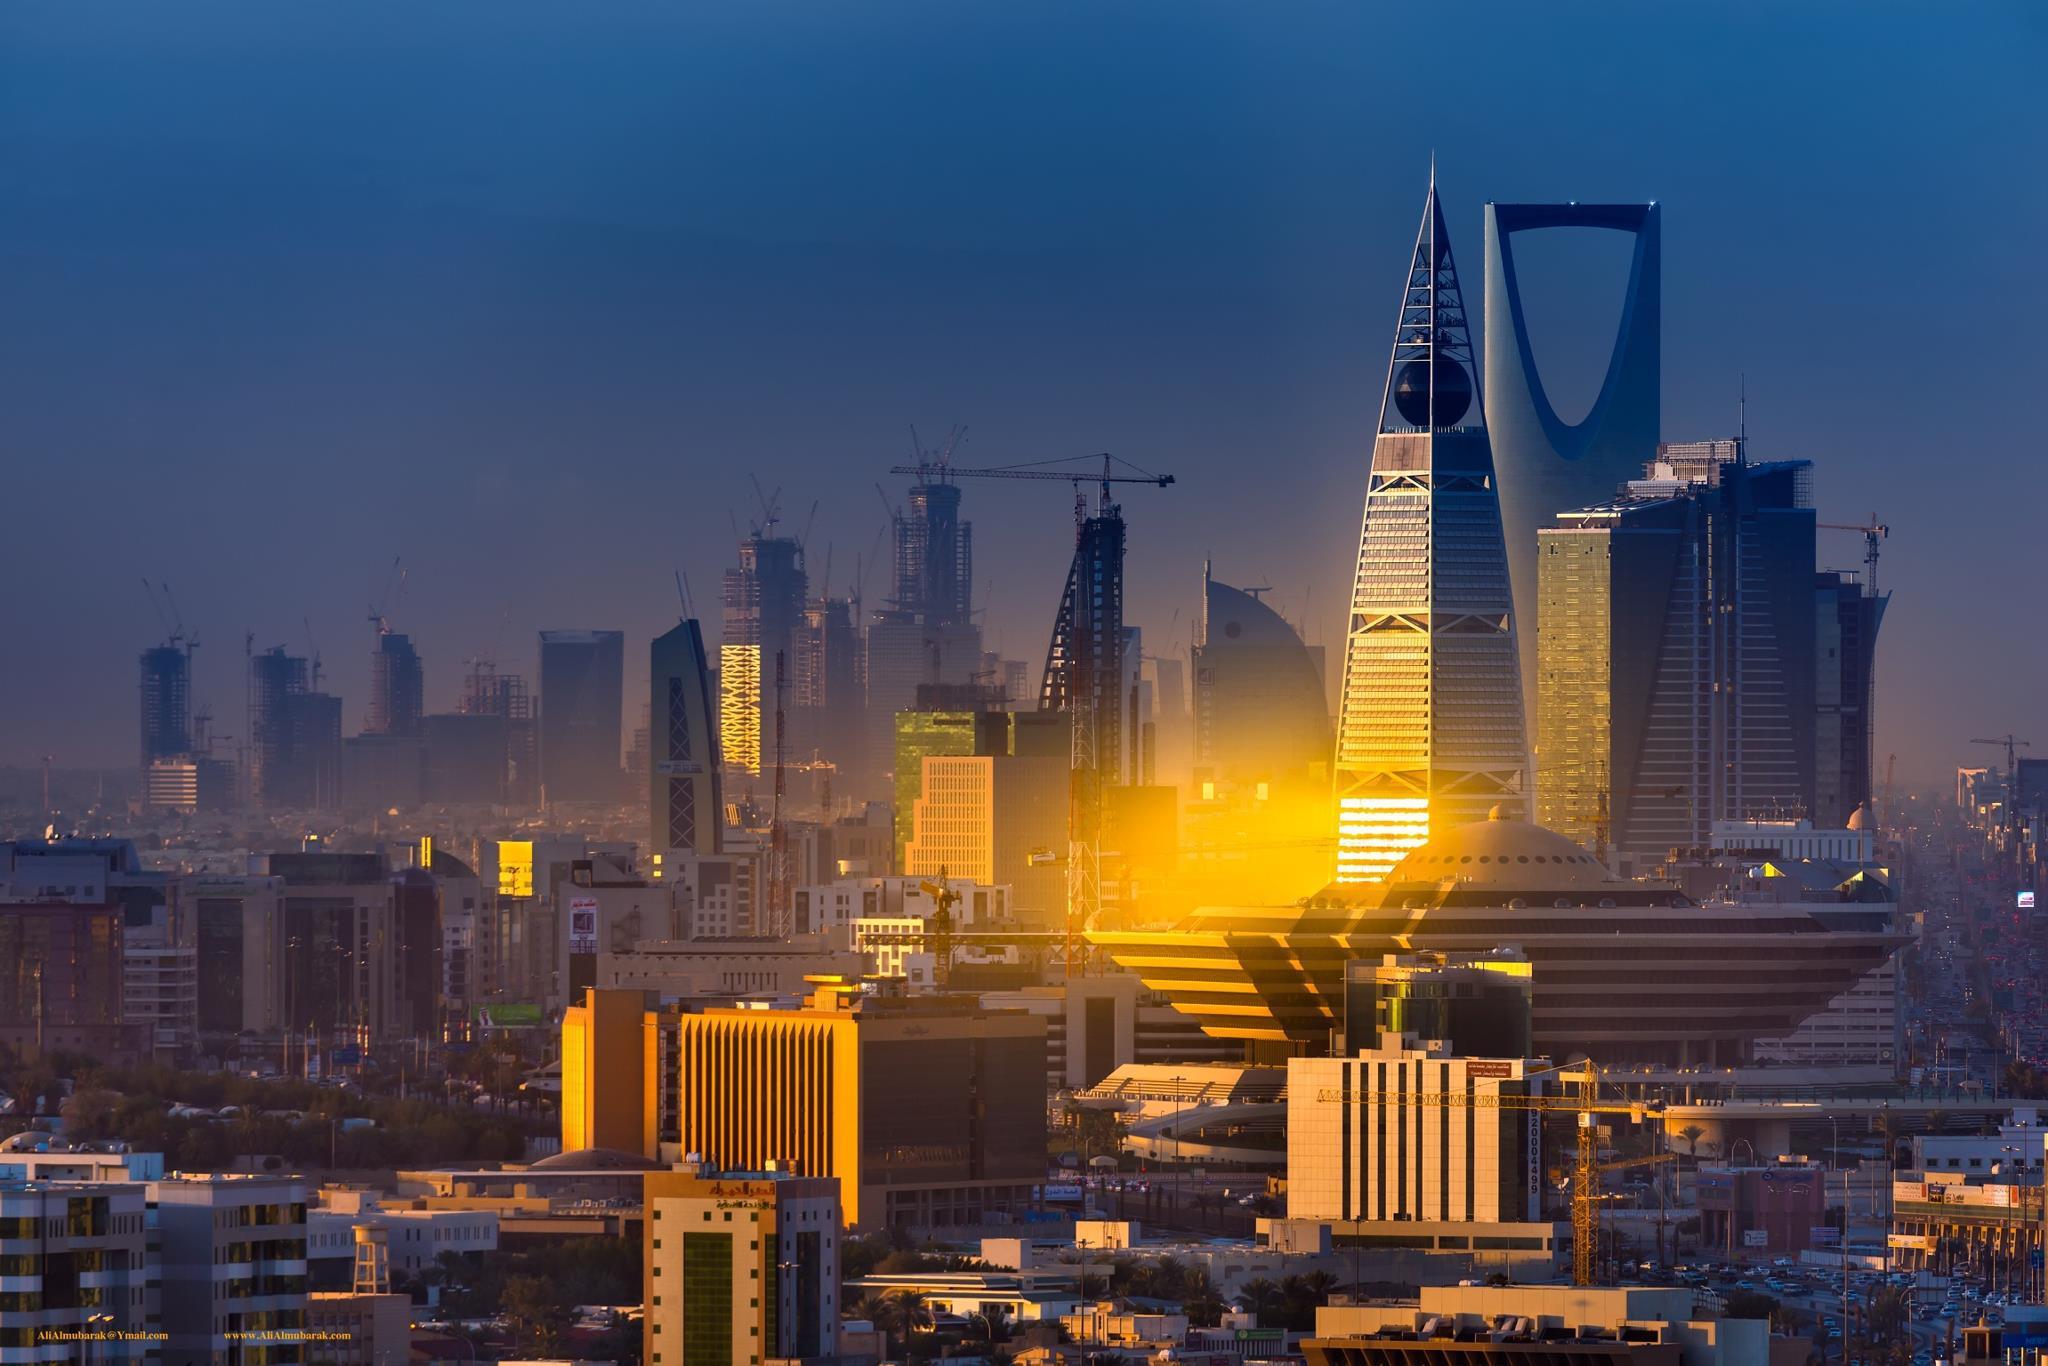 ضمن خطة إصلاح الاقتصاد.. السعودية تدرس تملك الأجانب بنسبة 100%